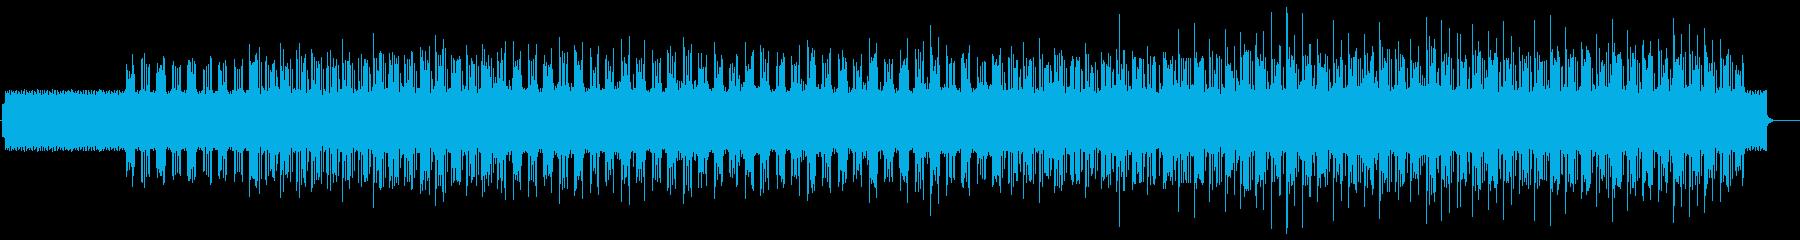 虹 爽やかで切ないテクノポップ 雨の再生済みの波形